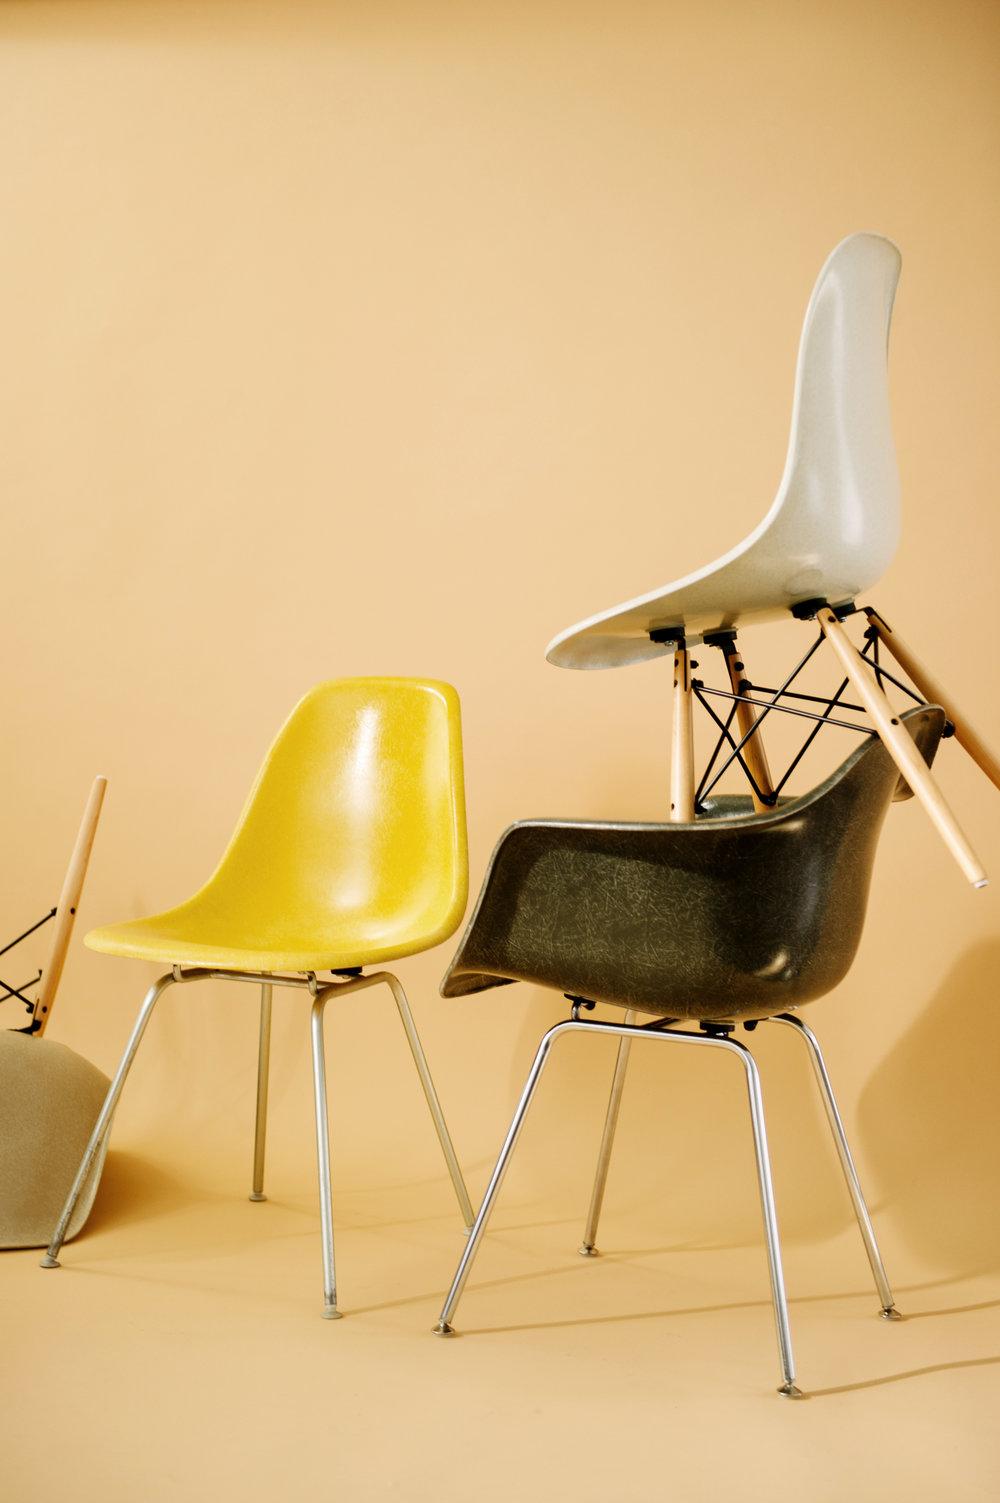 Creative Direction: Liz Gardner for Bodega Ltd. Styling:Forage Modern Workshop Photo: Ashley Camper